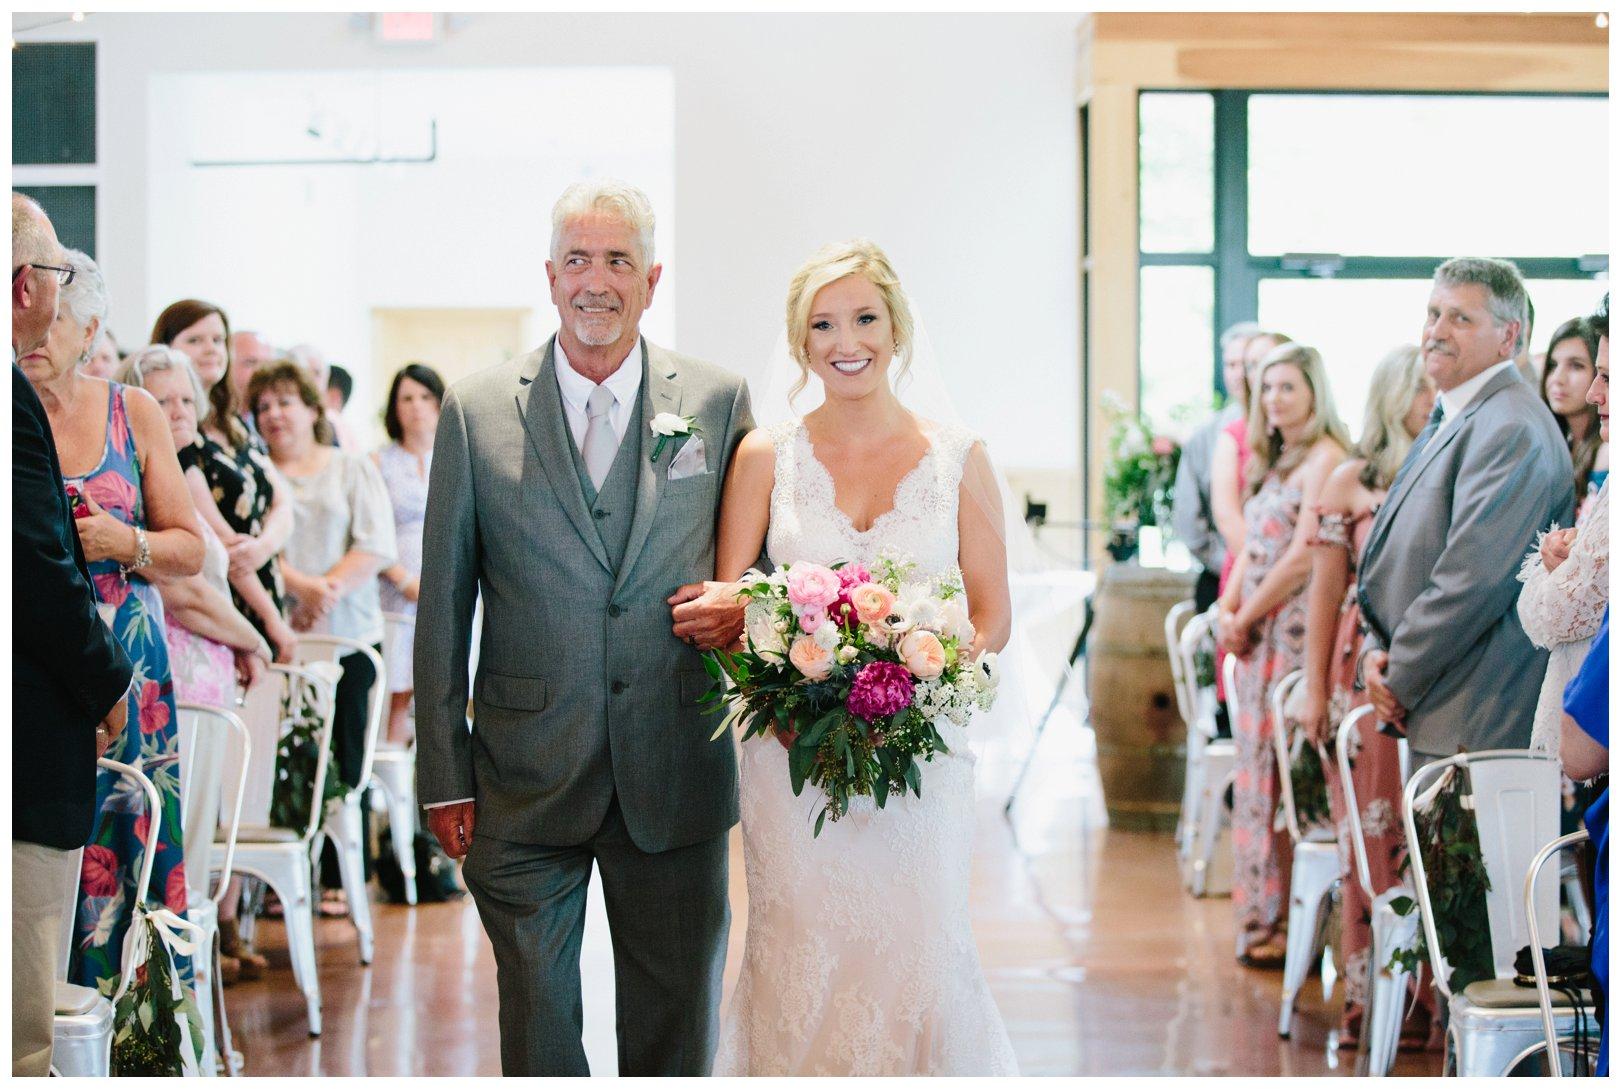 lauren muckler photography_fine art film wedding photography_st louis_photography_2378.jpg